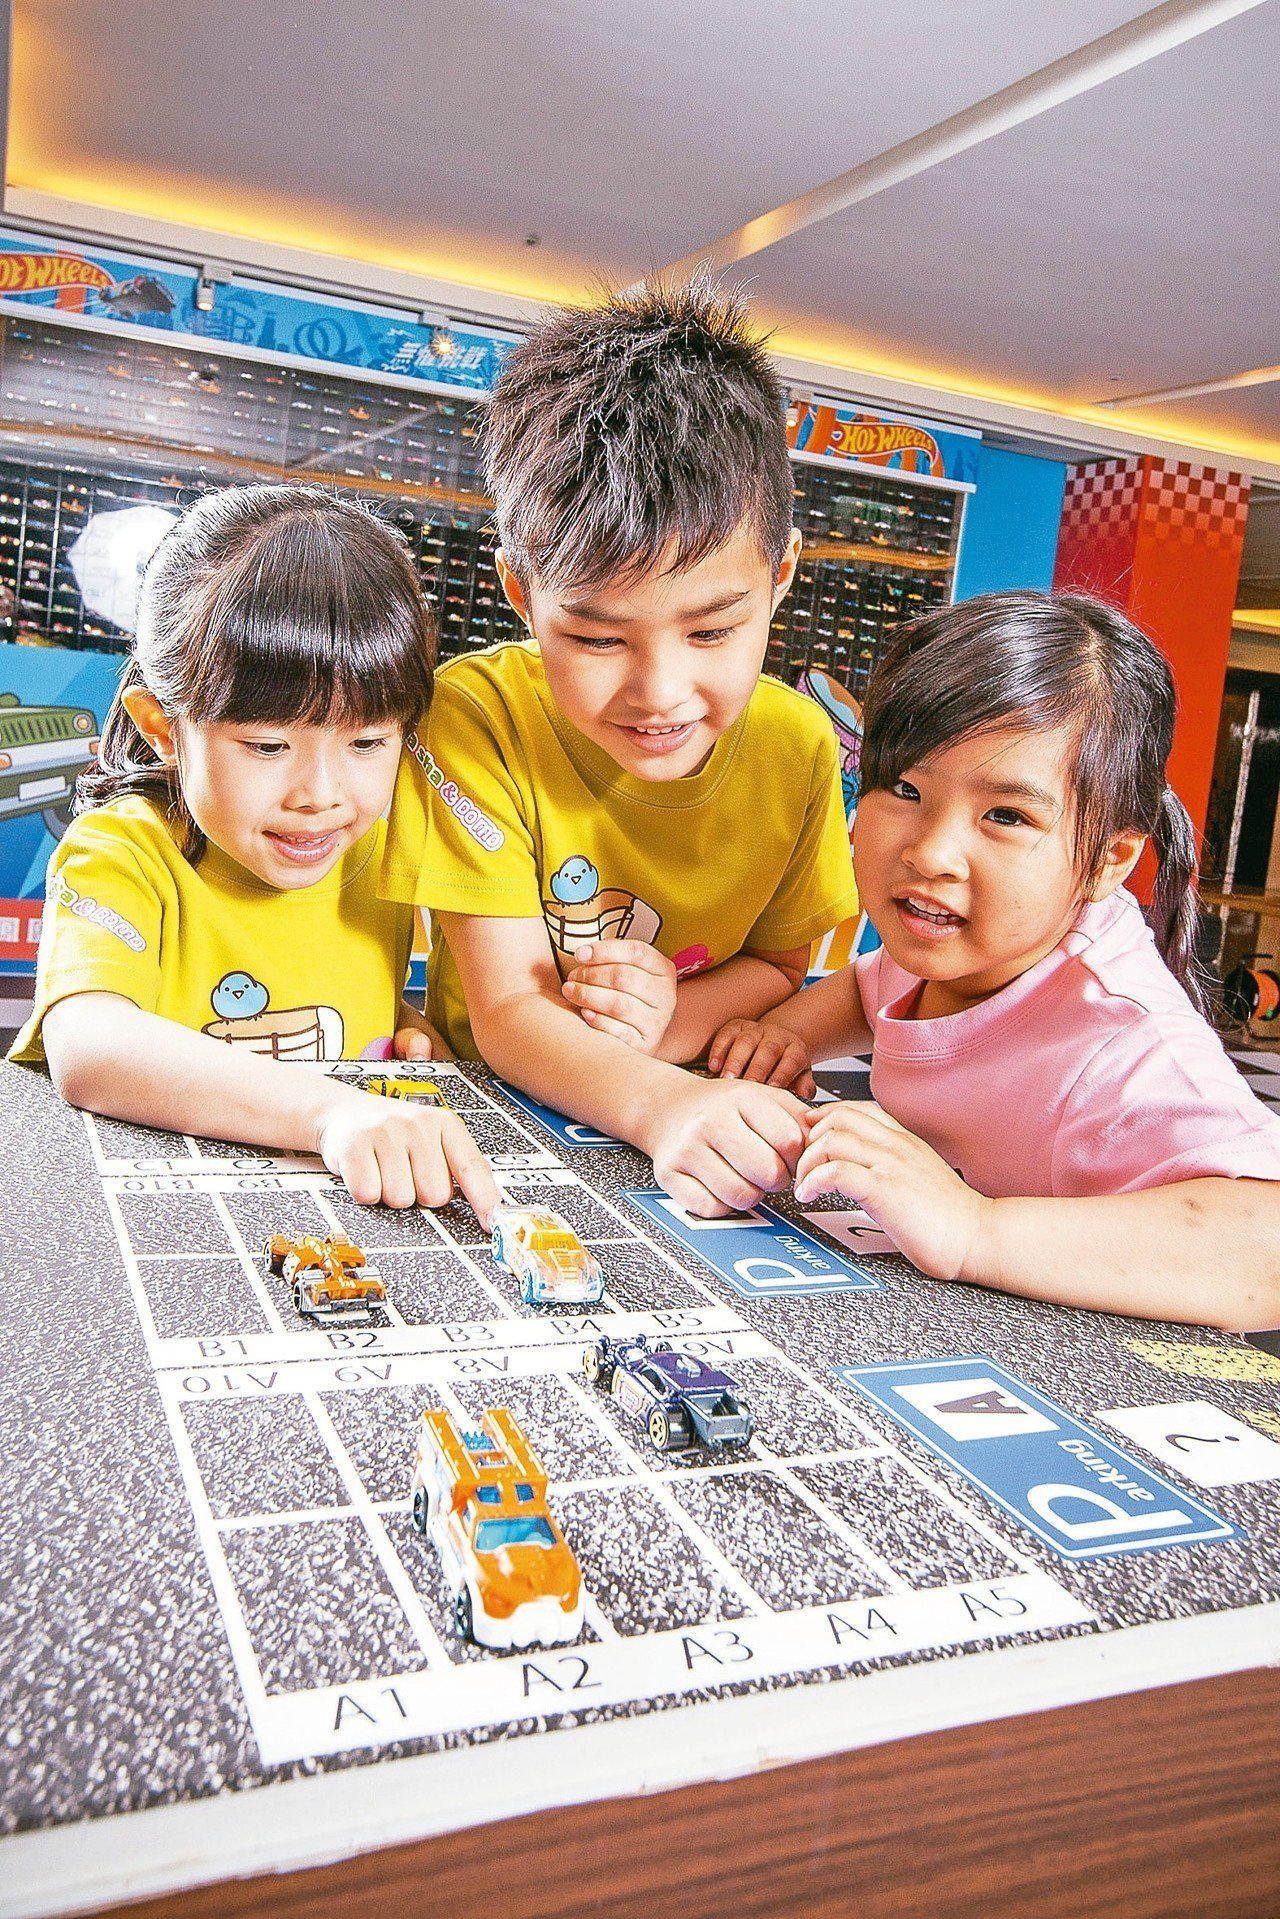 長榮鳳凰酒店(礁溪)以小汽車打造謎樣旅行。 圖/長榮鳳凰酒店(礁溪)提供